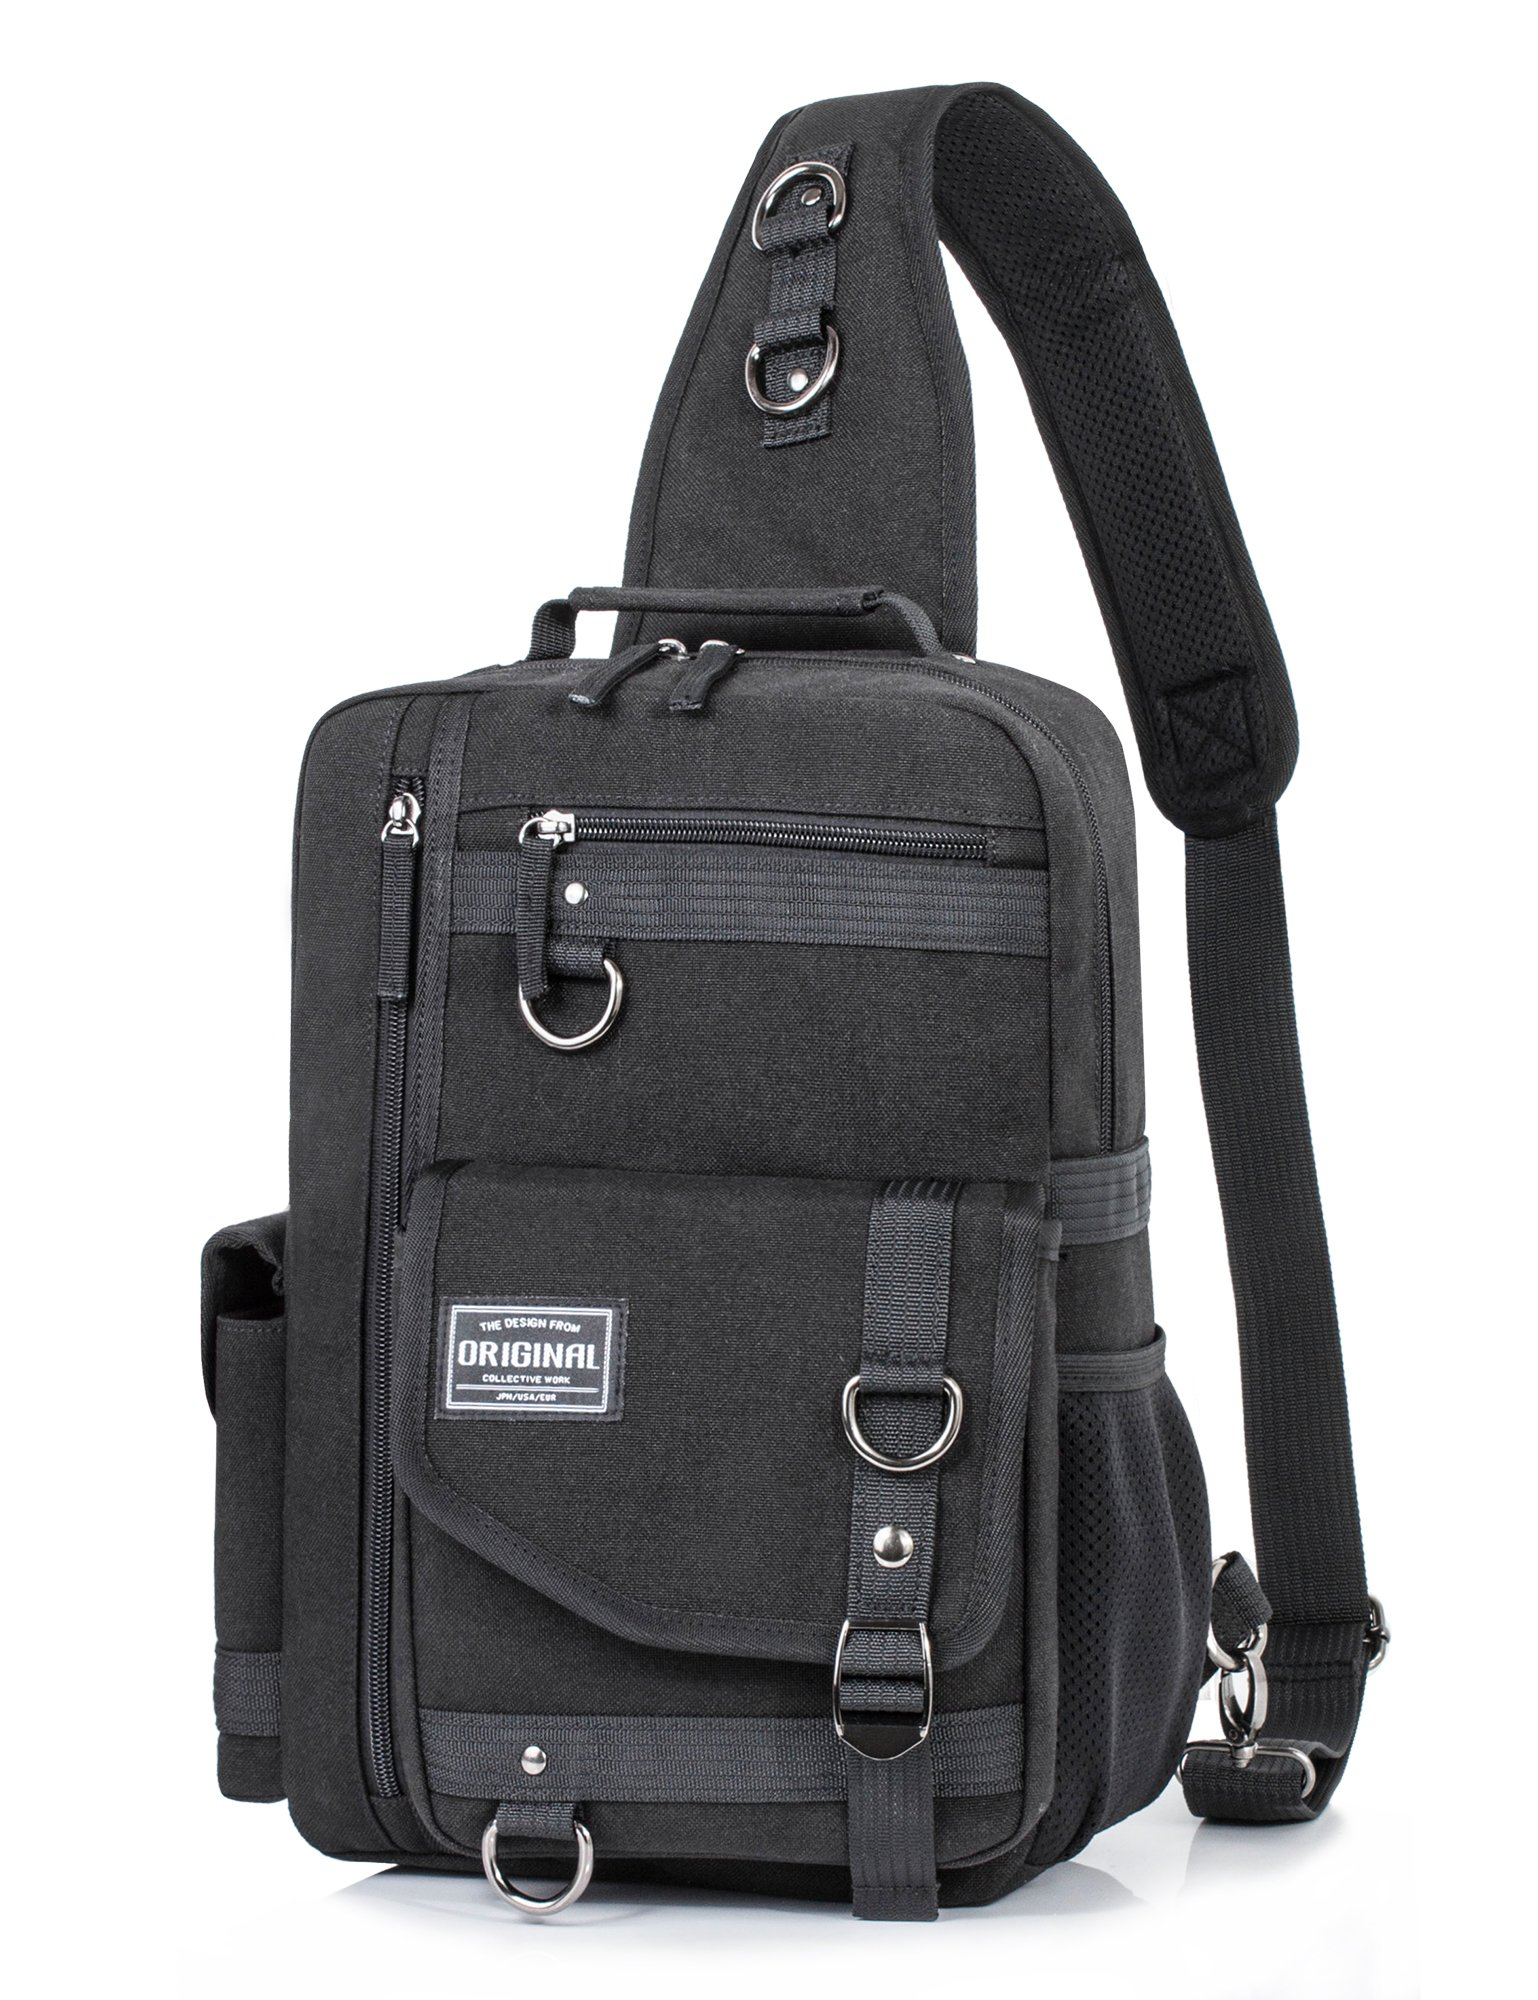 Messenger Bag for Men, Cross Body Shoulder Sling Bag Travel Outdoor Gym Backpack Black 1